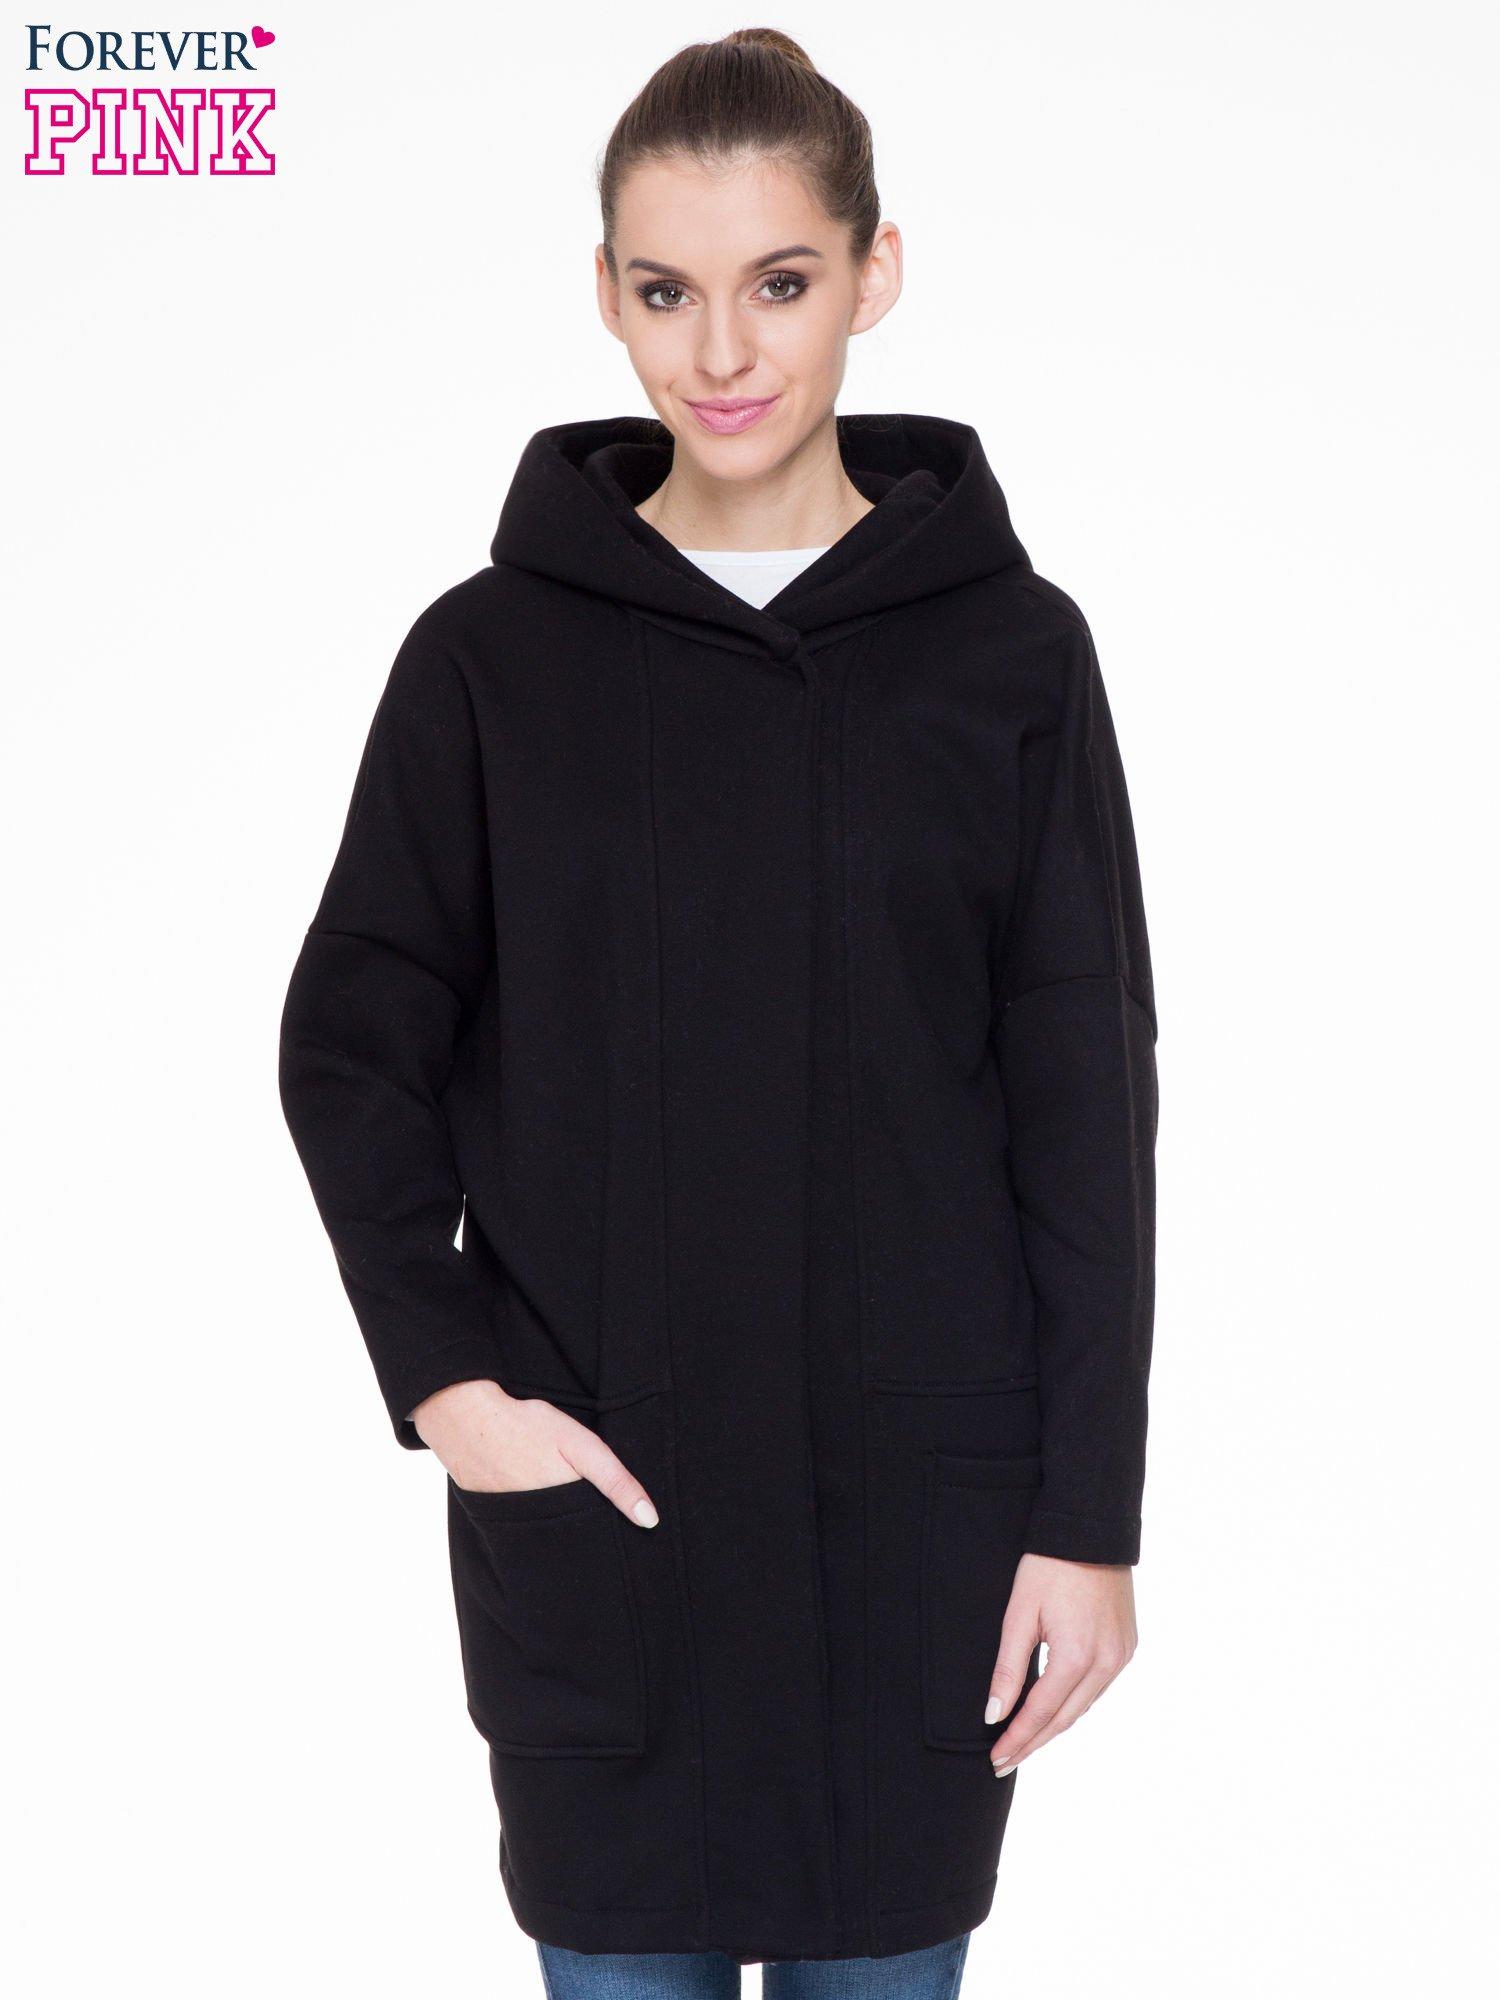 Czarny dresowy płaszcz z kapturem i kieszeniami                                  zdj.                                  1